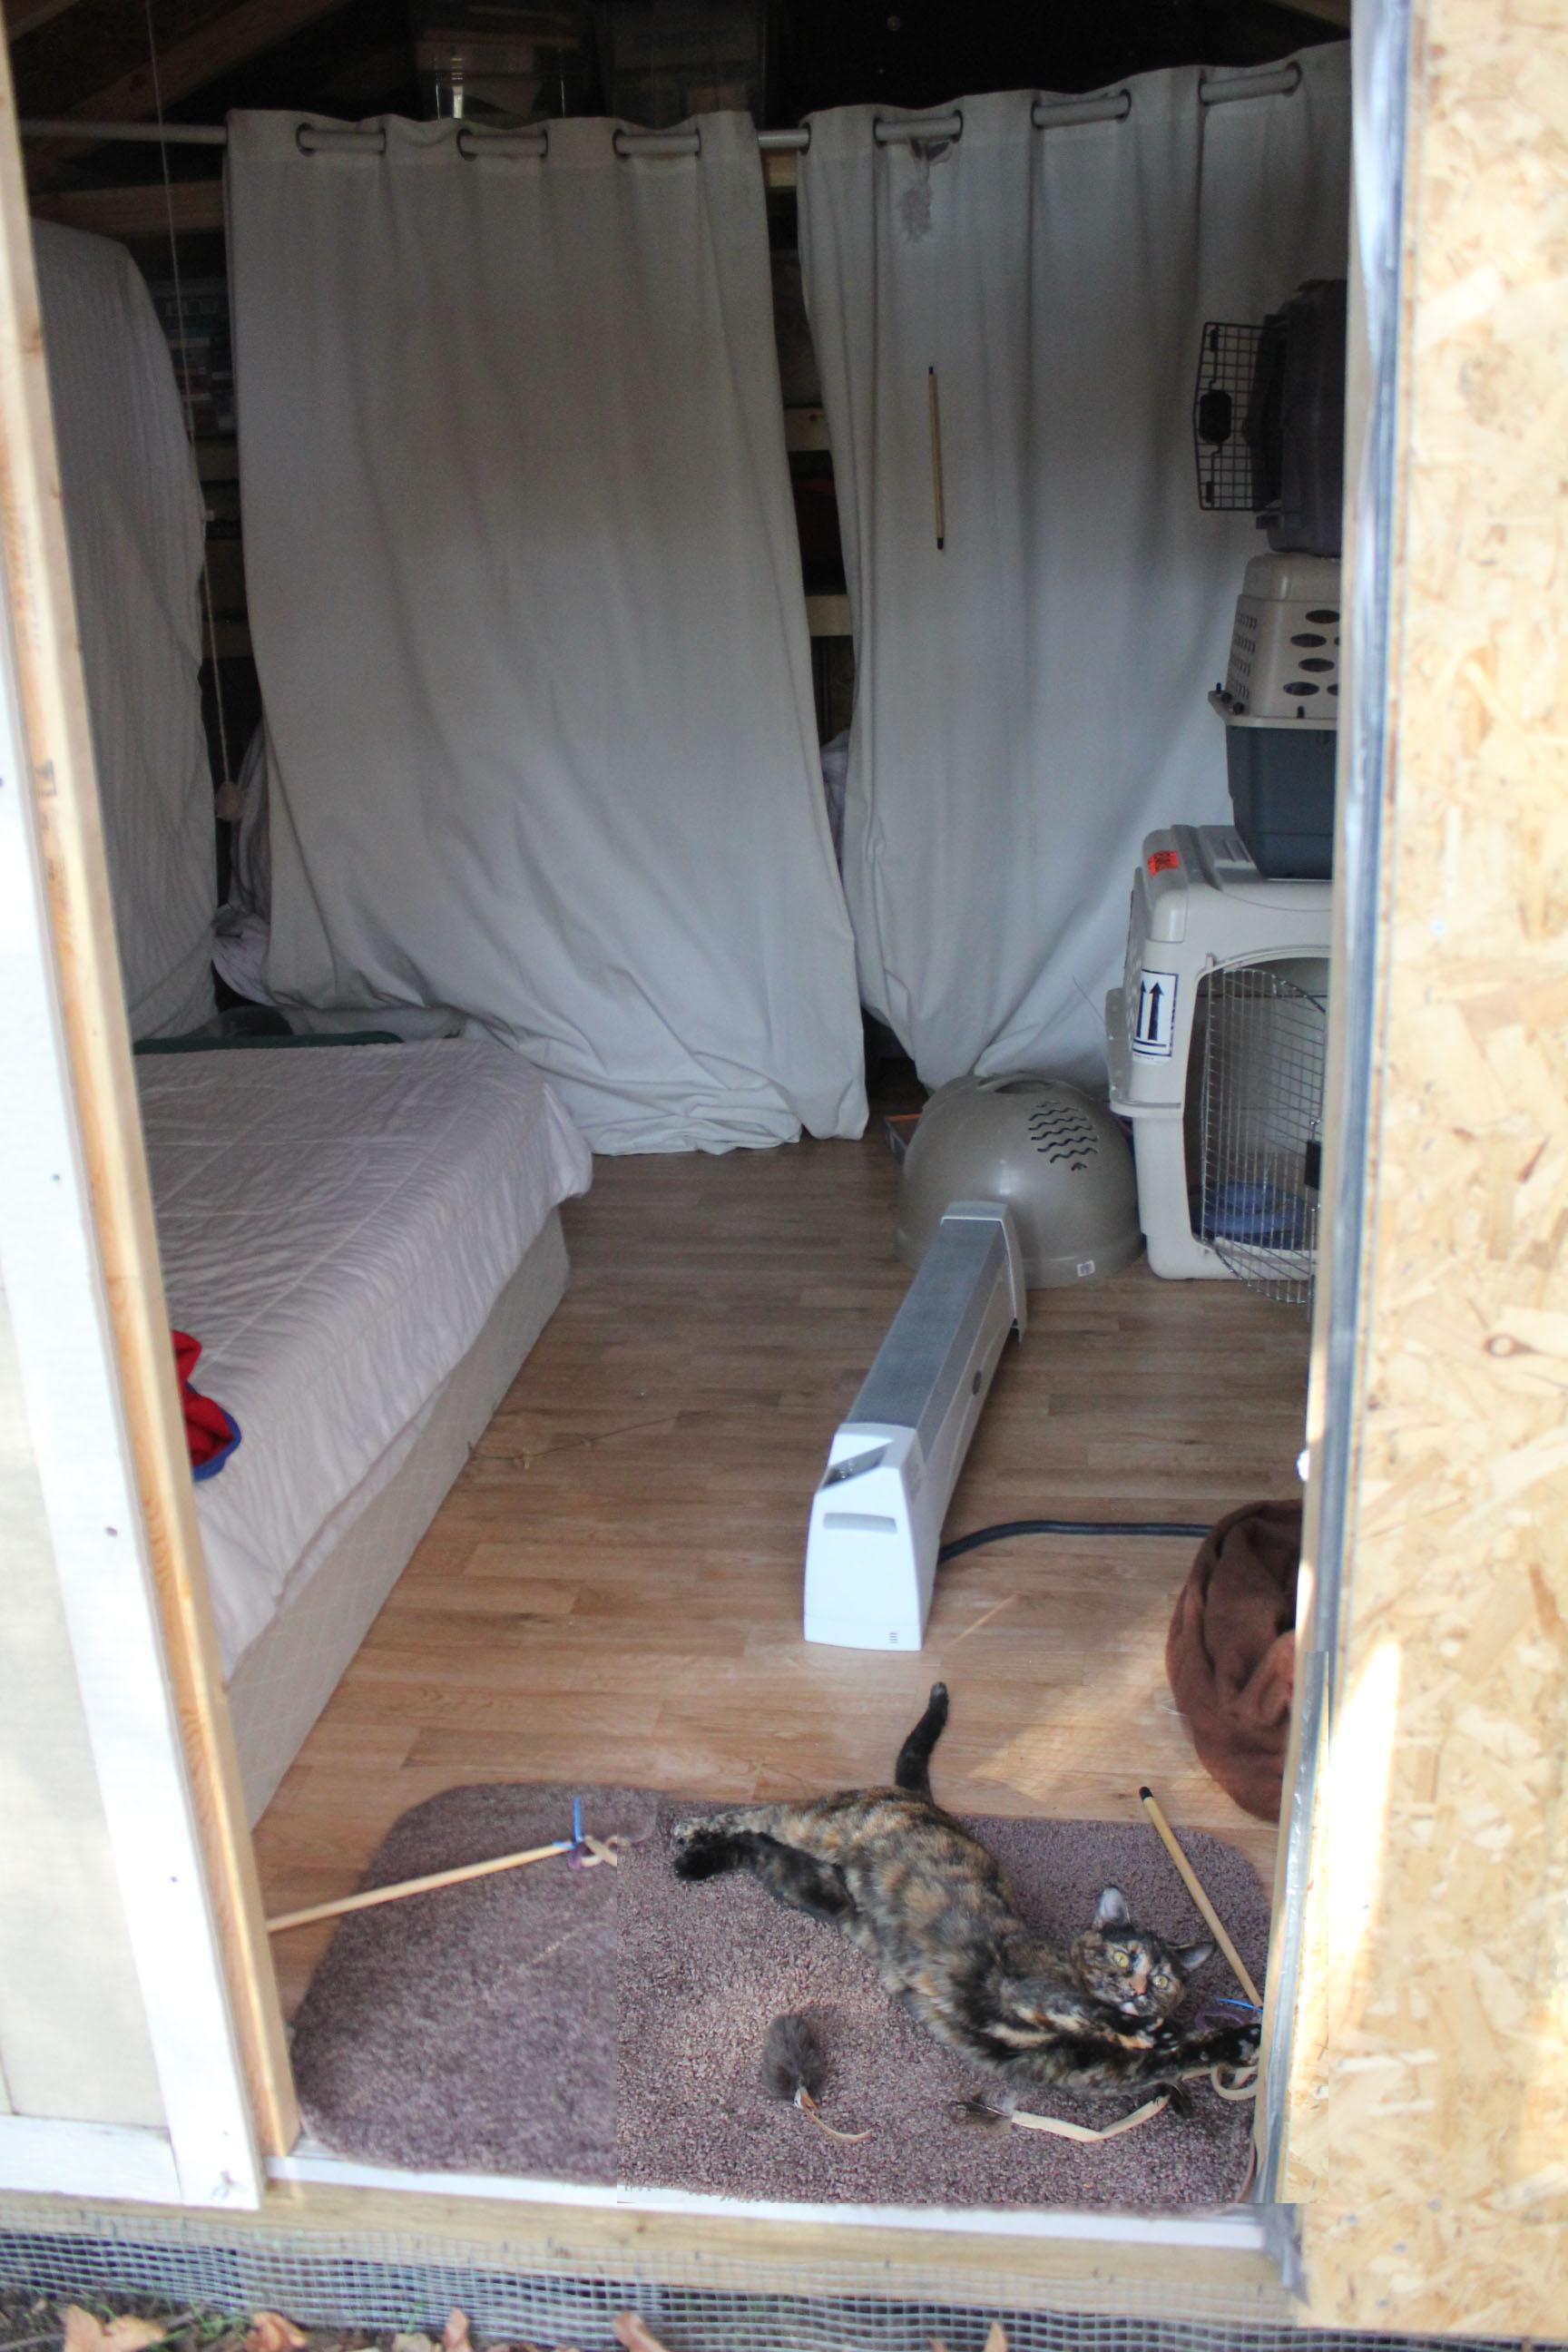 cathouse-interior-rough